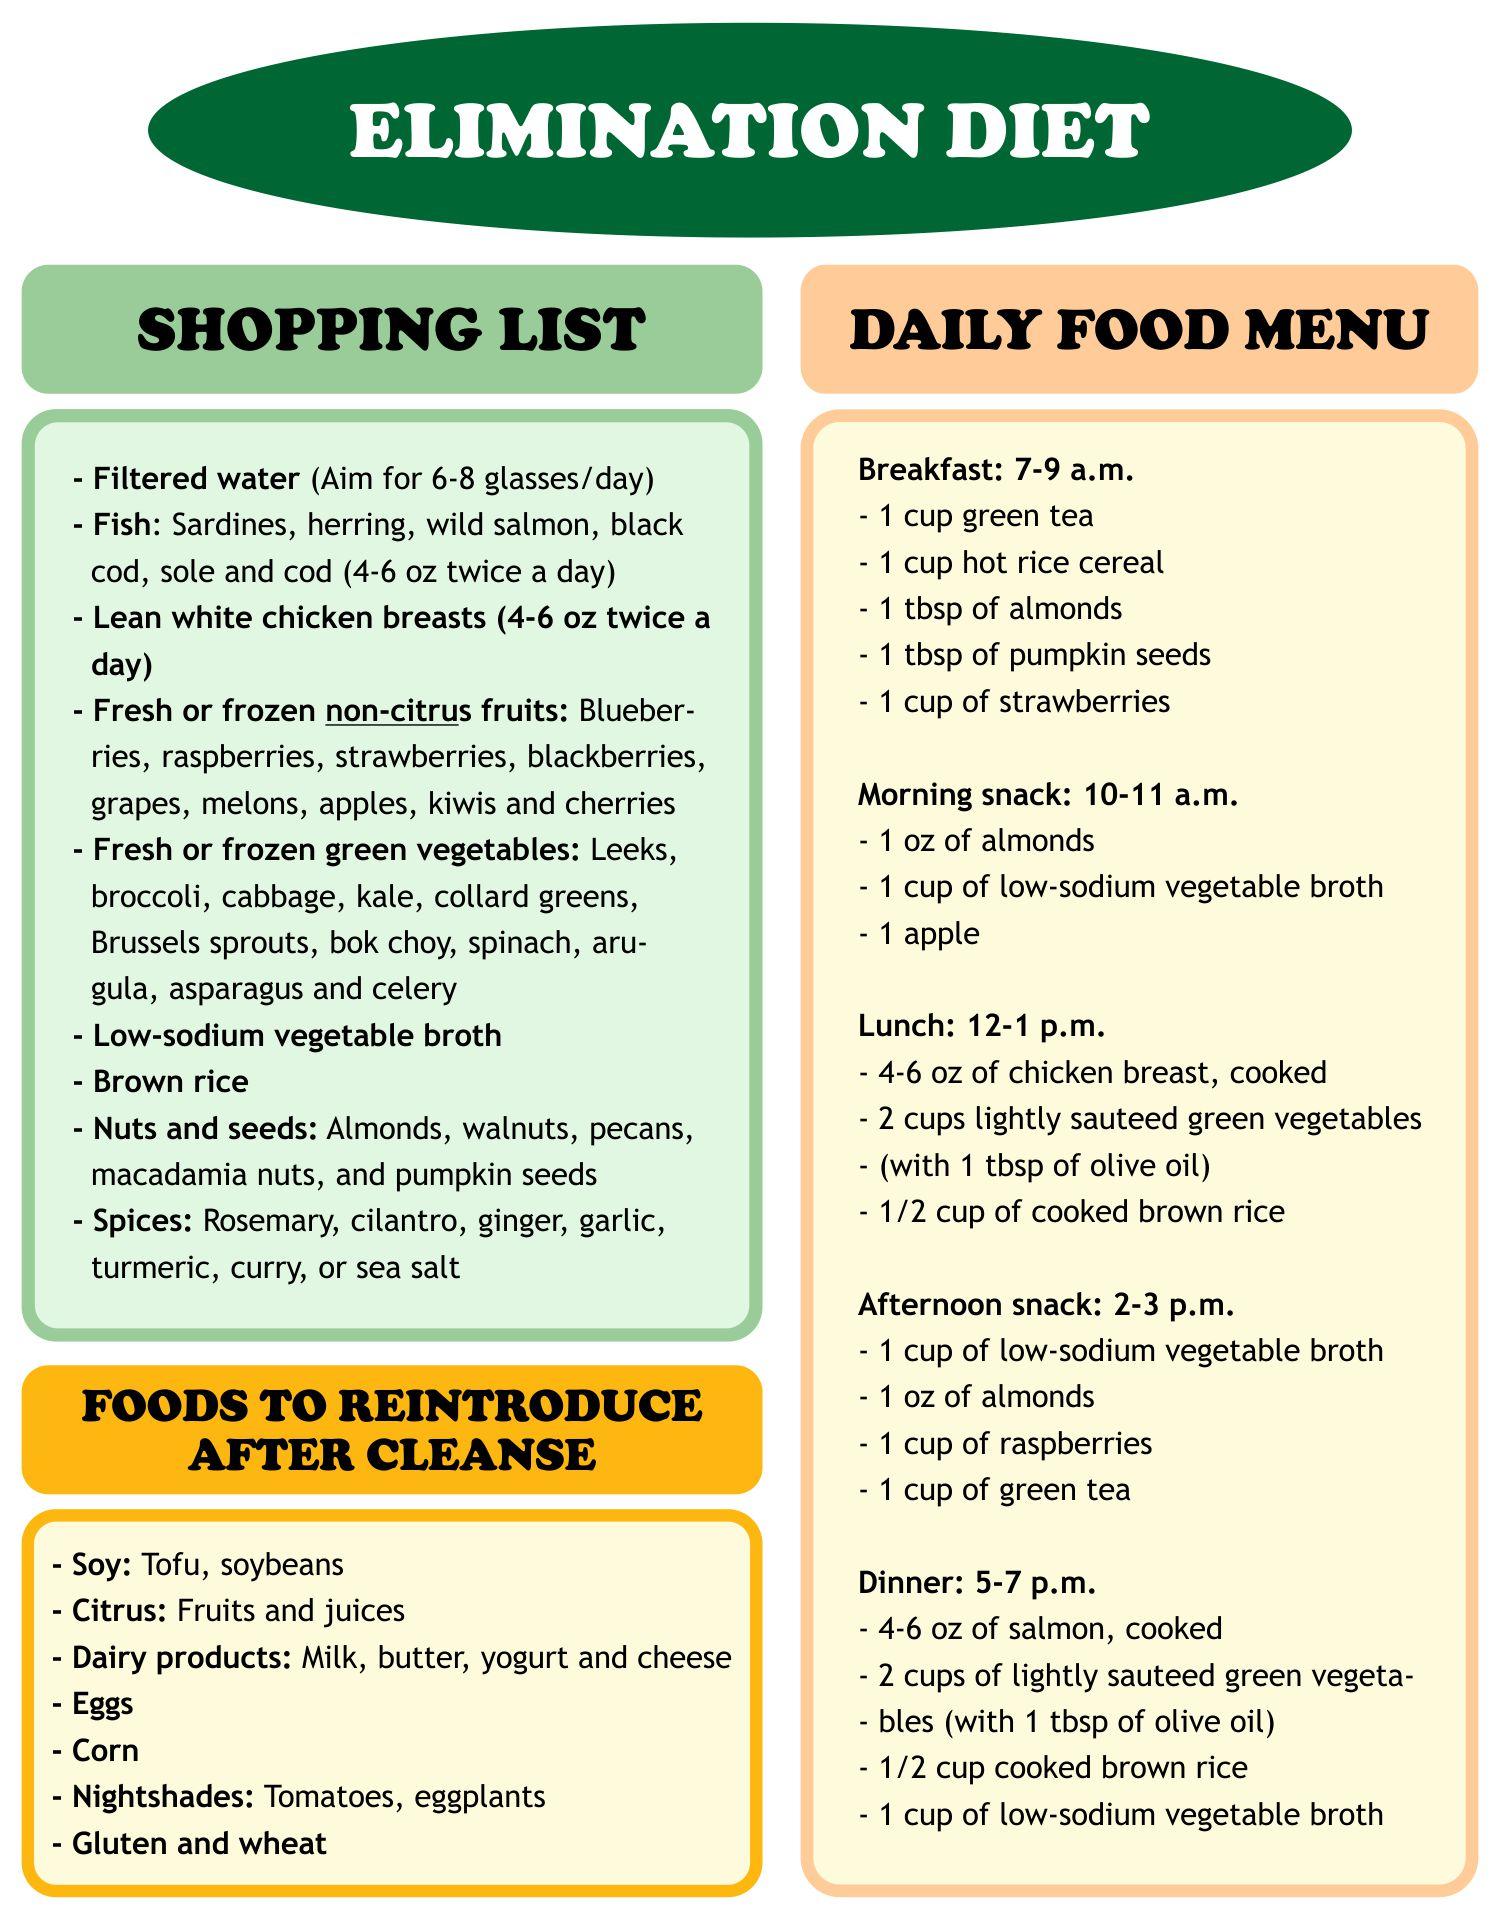 Dr. Oz Elimination Diet